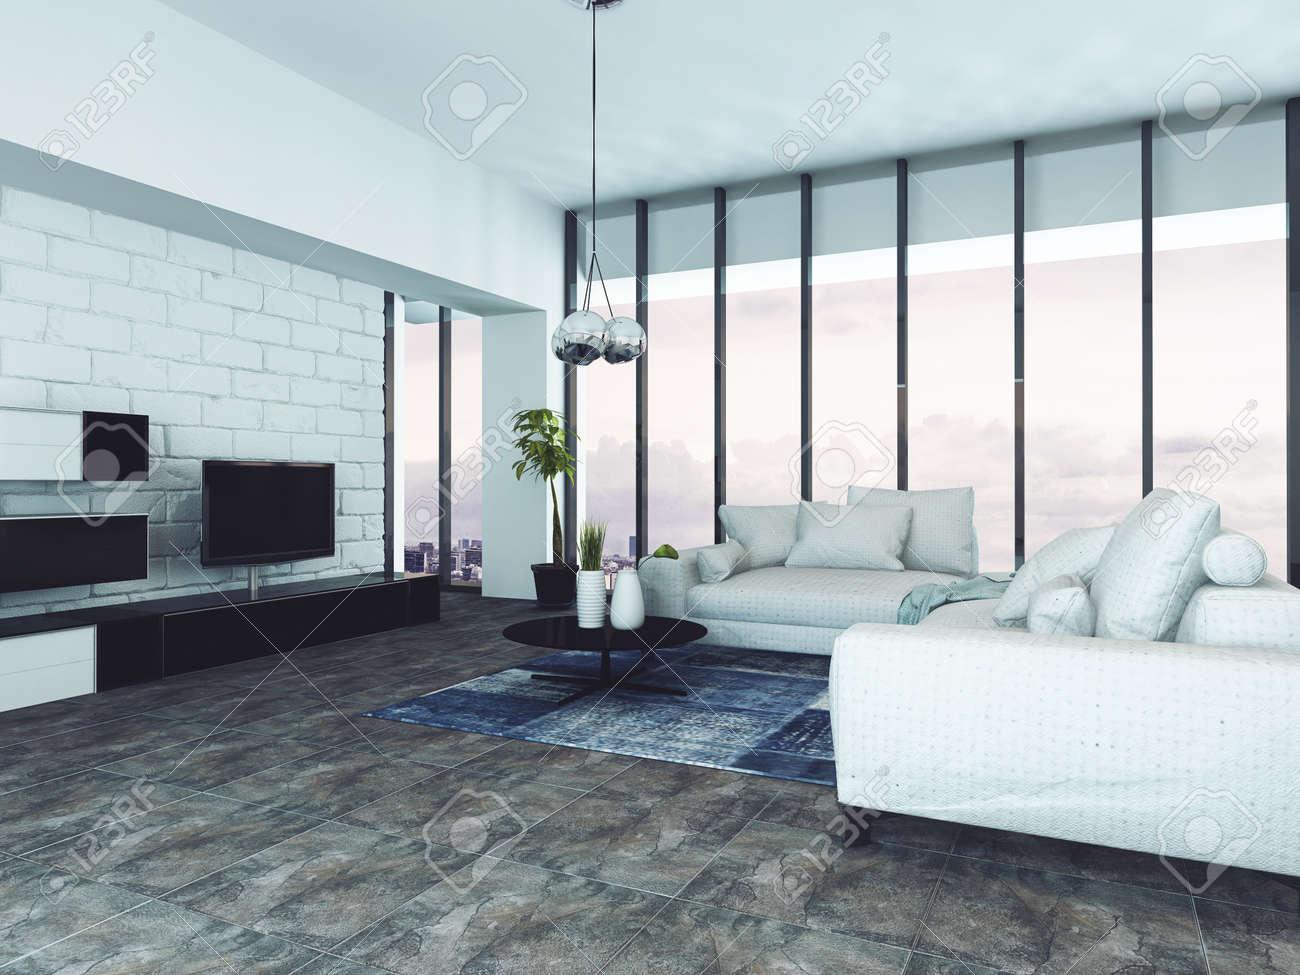 Spacieux salon contemporain avec des canapés blancs et fenêtres du sol au  plafond. Rendu 3D.